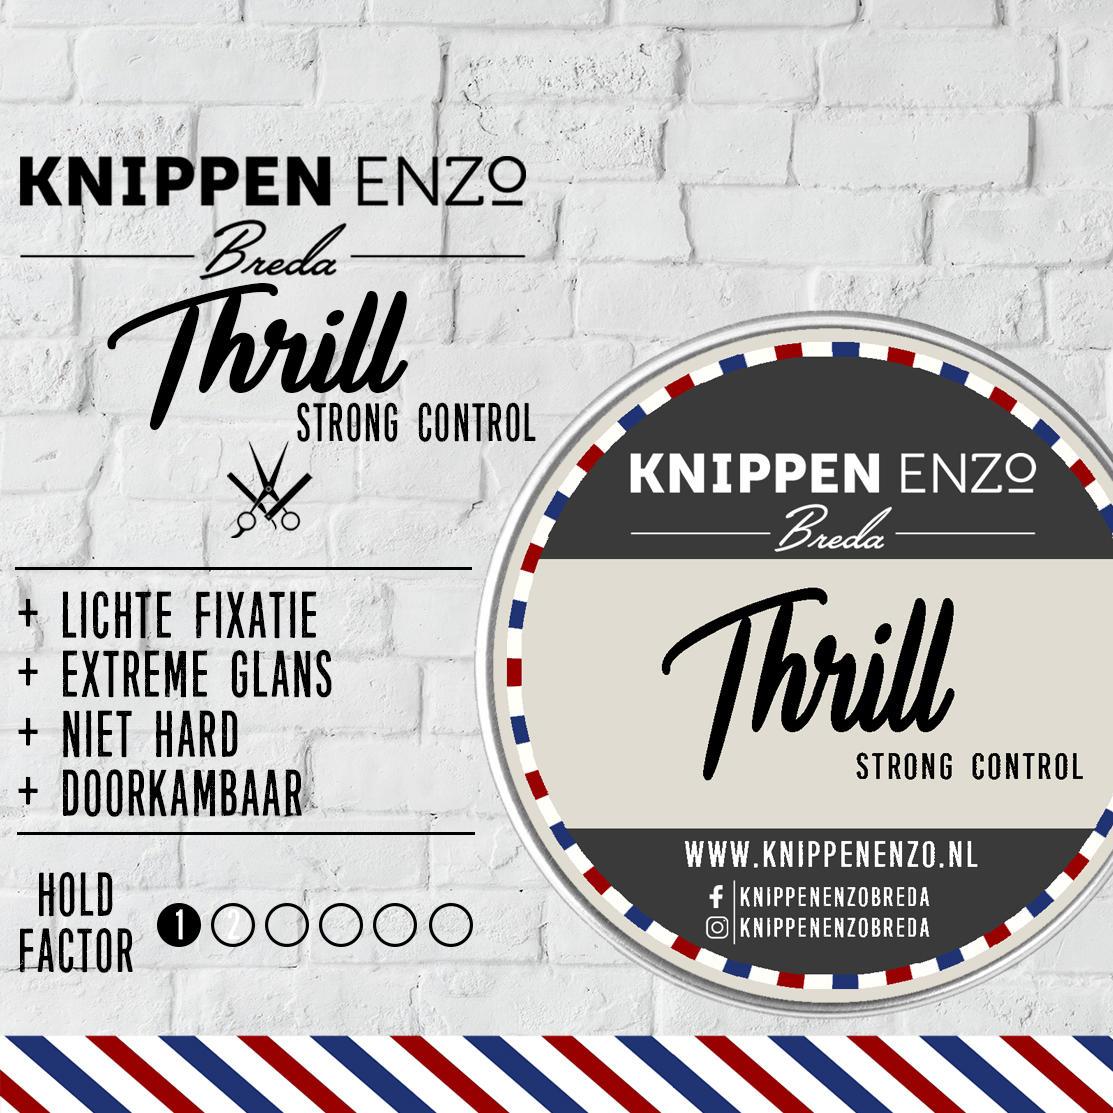 Knippen Enzo Breda Thrill